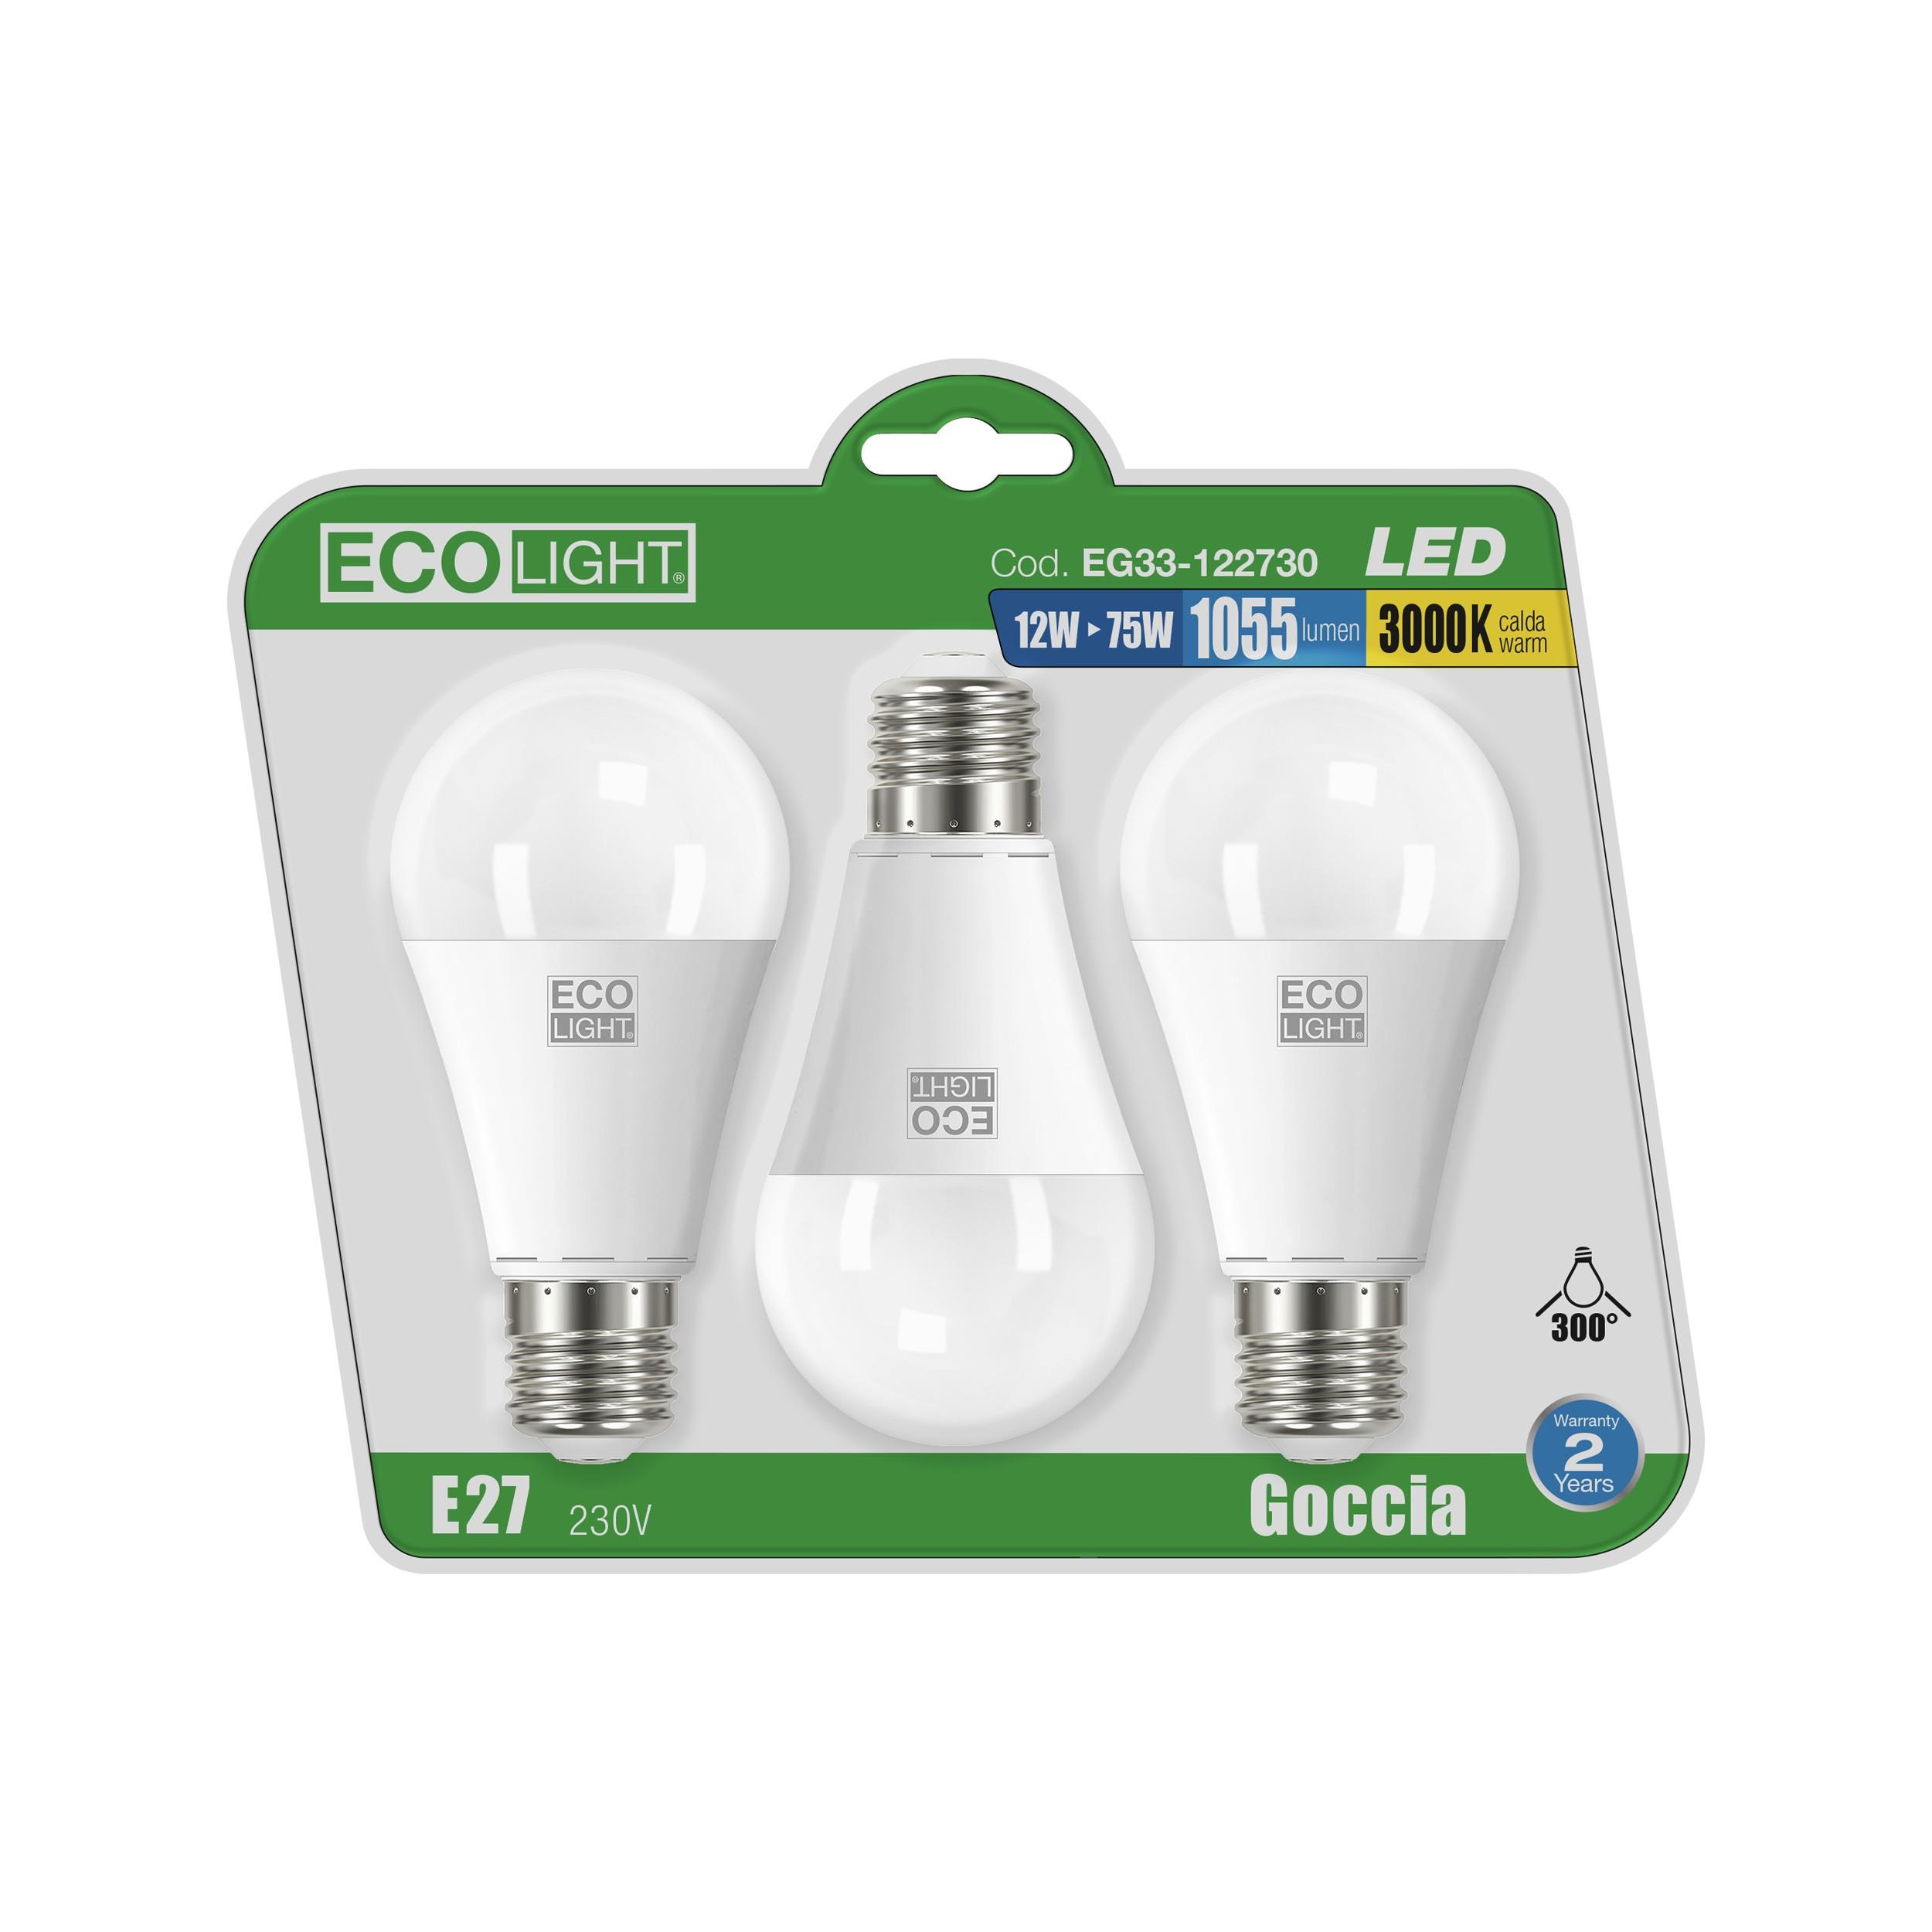 BL.3 LAMP.LED GOCC.E27 12W 64K